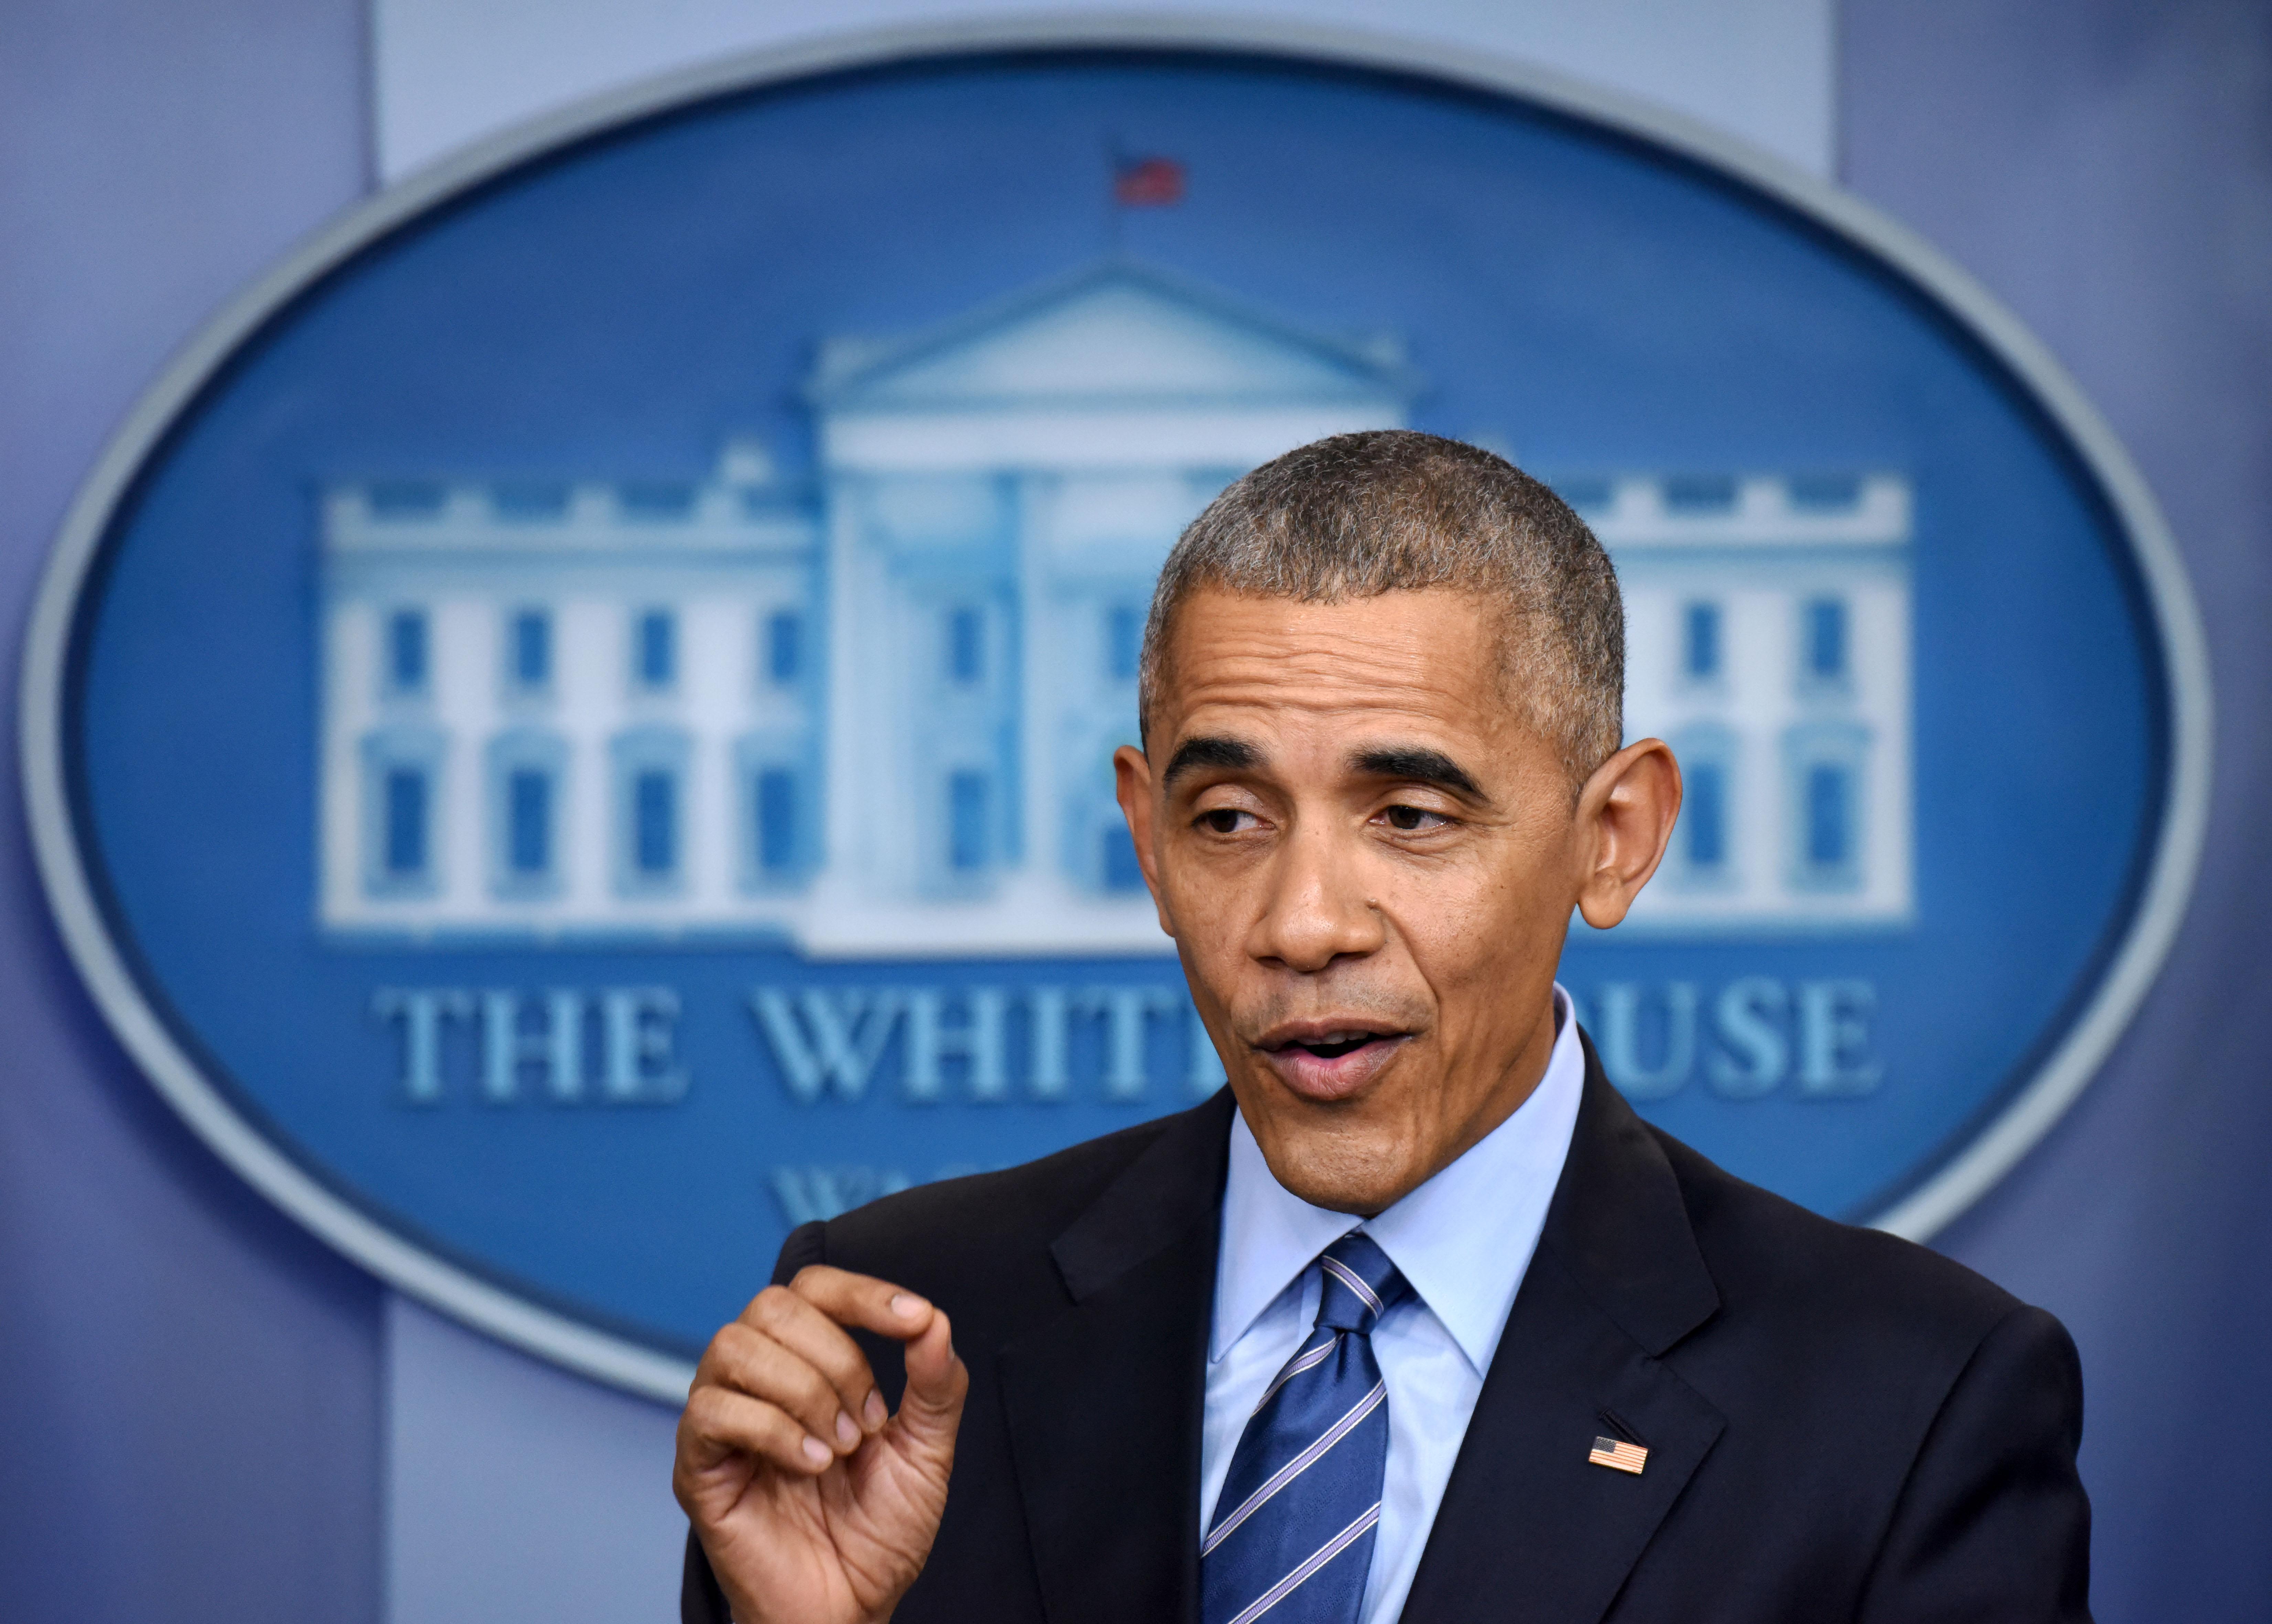 Barack Obama e sigur ca ar fi castigat al treilea mandat ca presedinte. Ce intentioneaza sa faca dupa ce paraseste Casa Alba